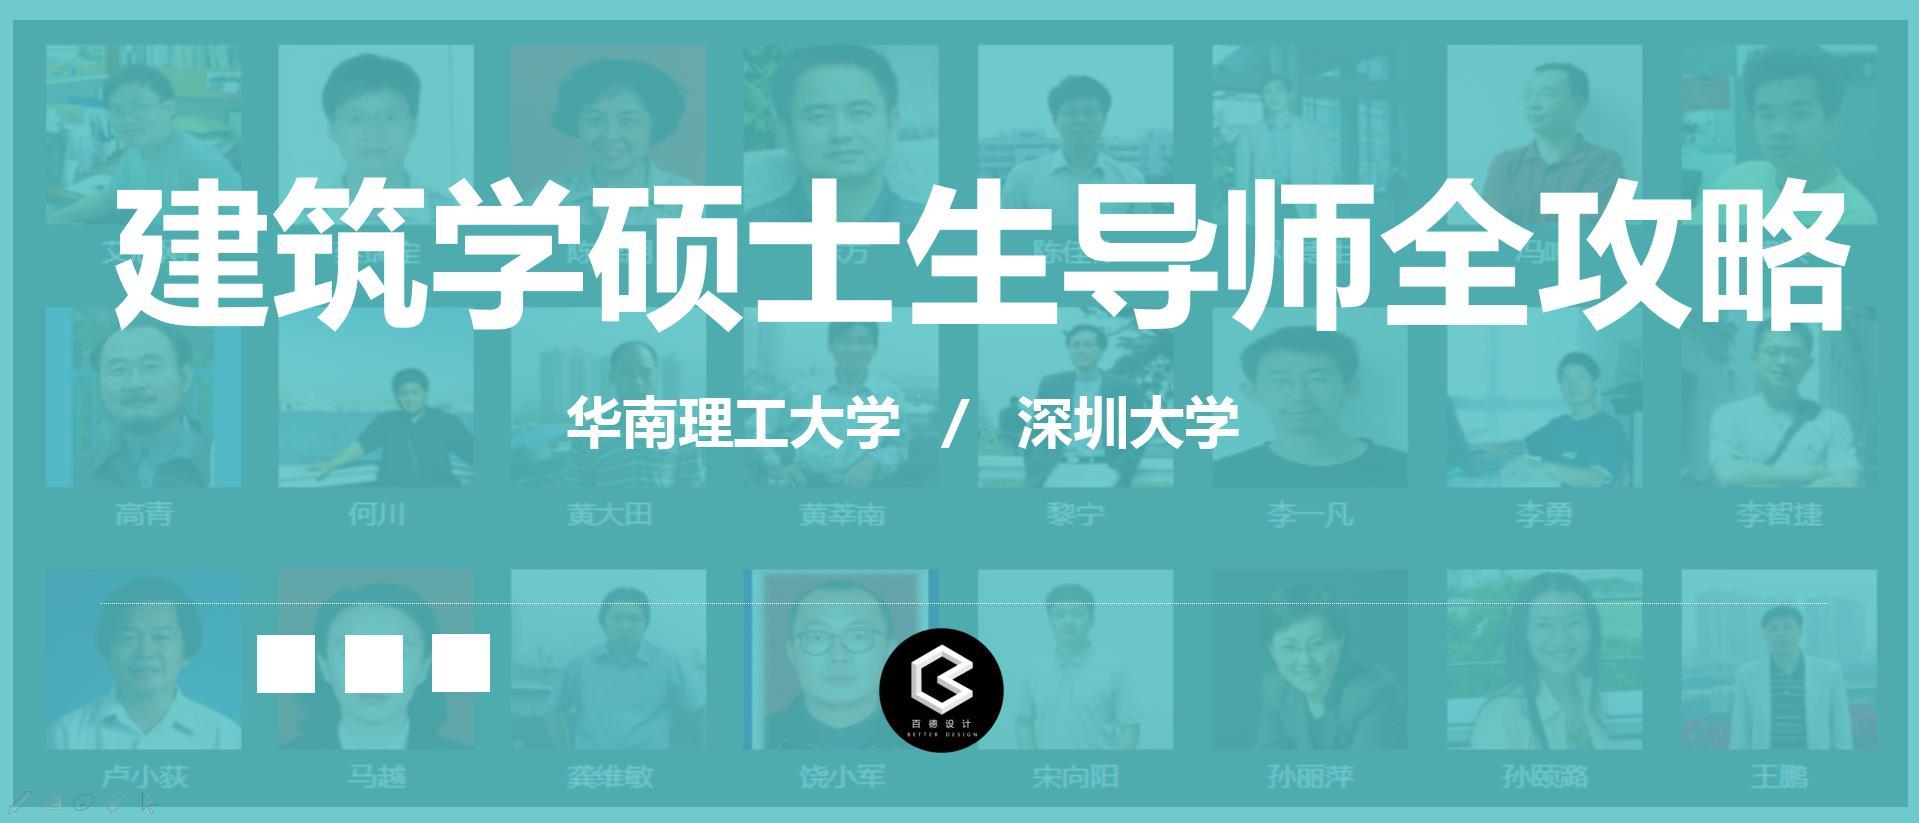 【华南理工大学】、【深圳大学】建筑学研究生导师介绍